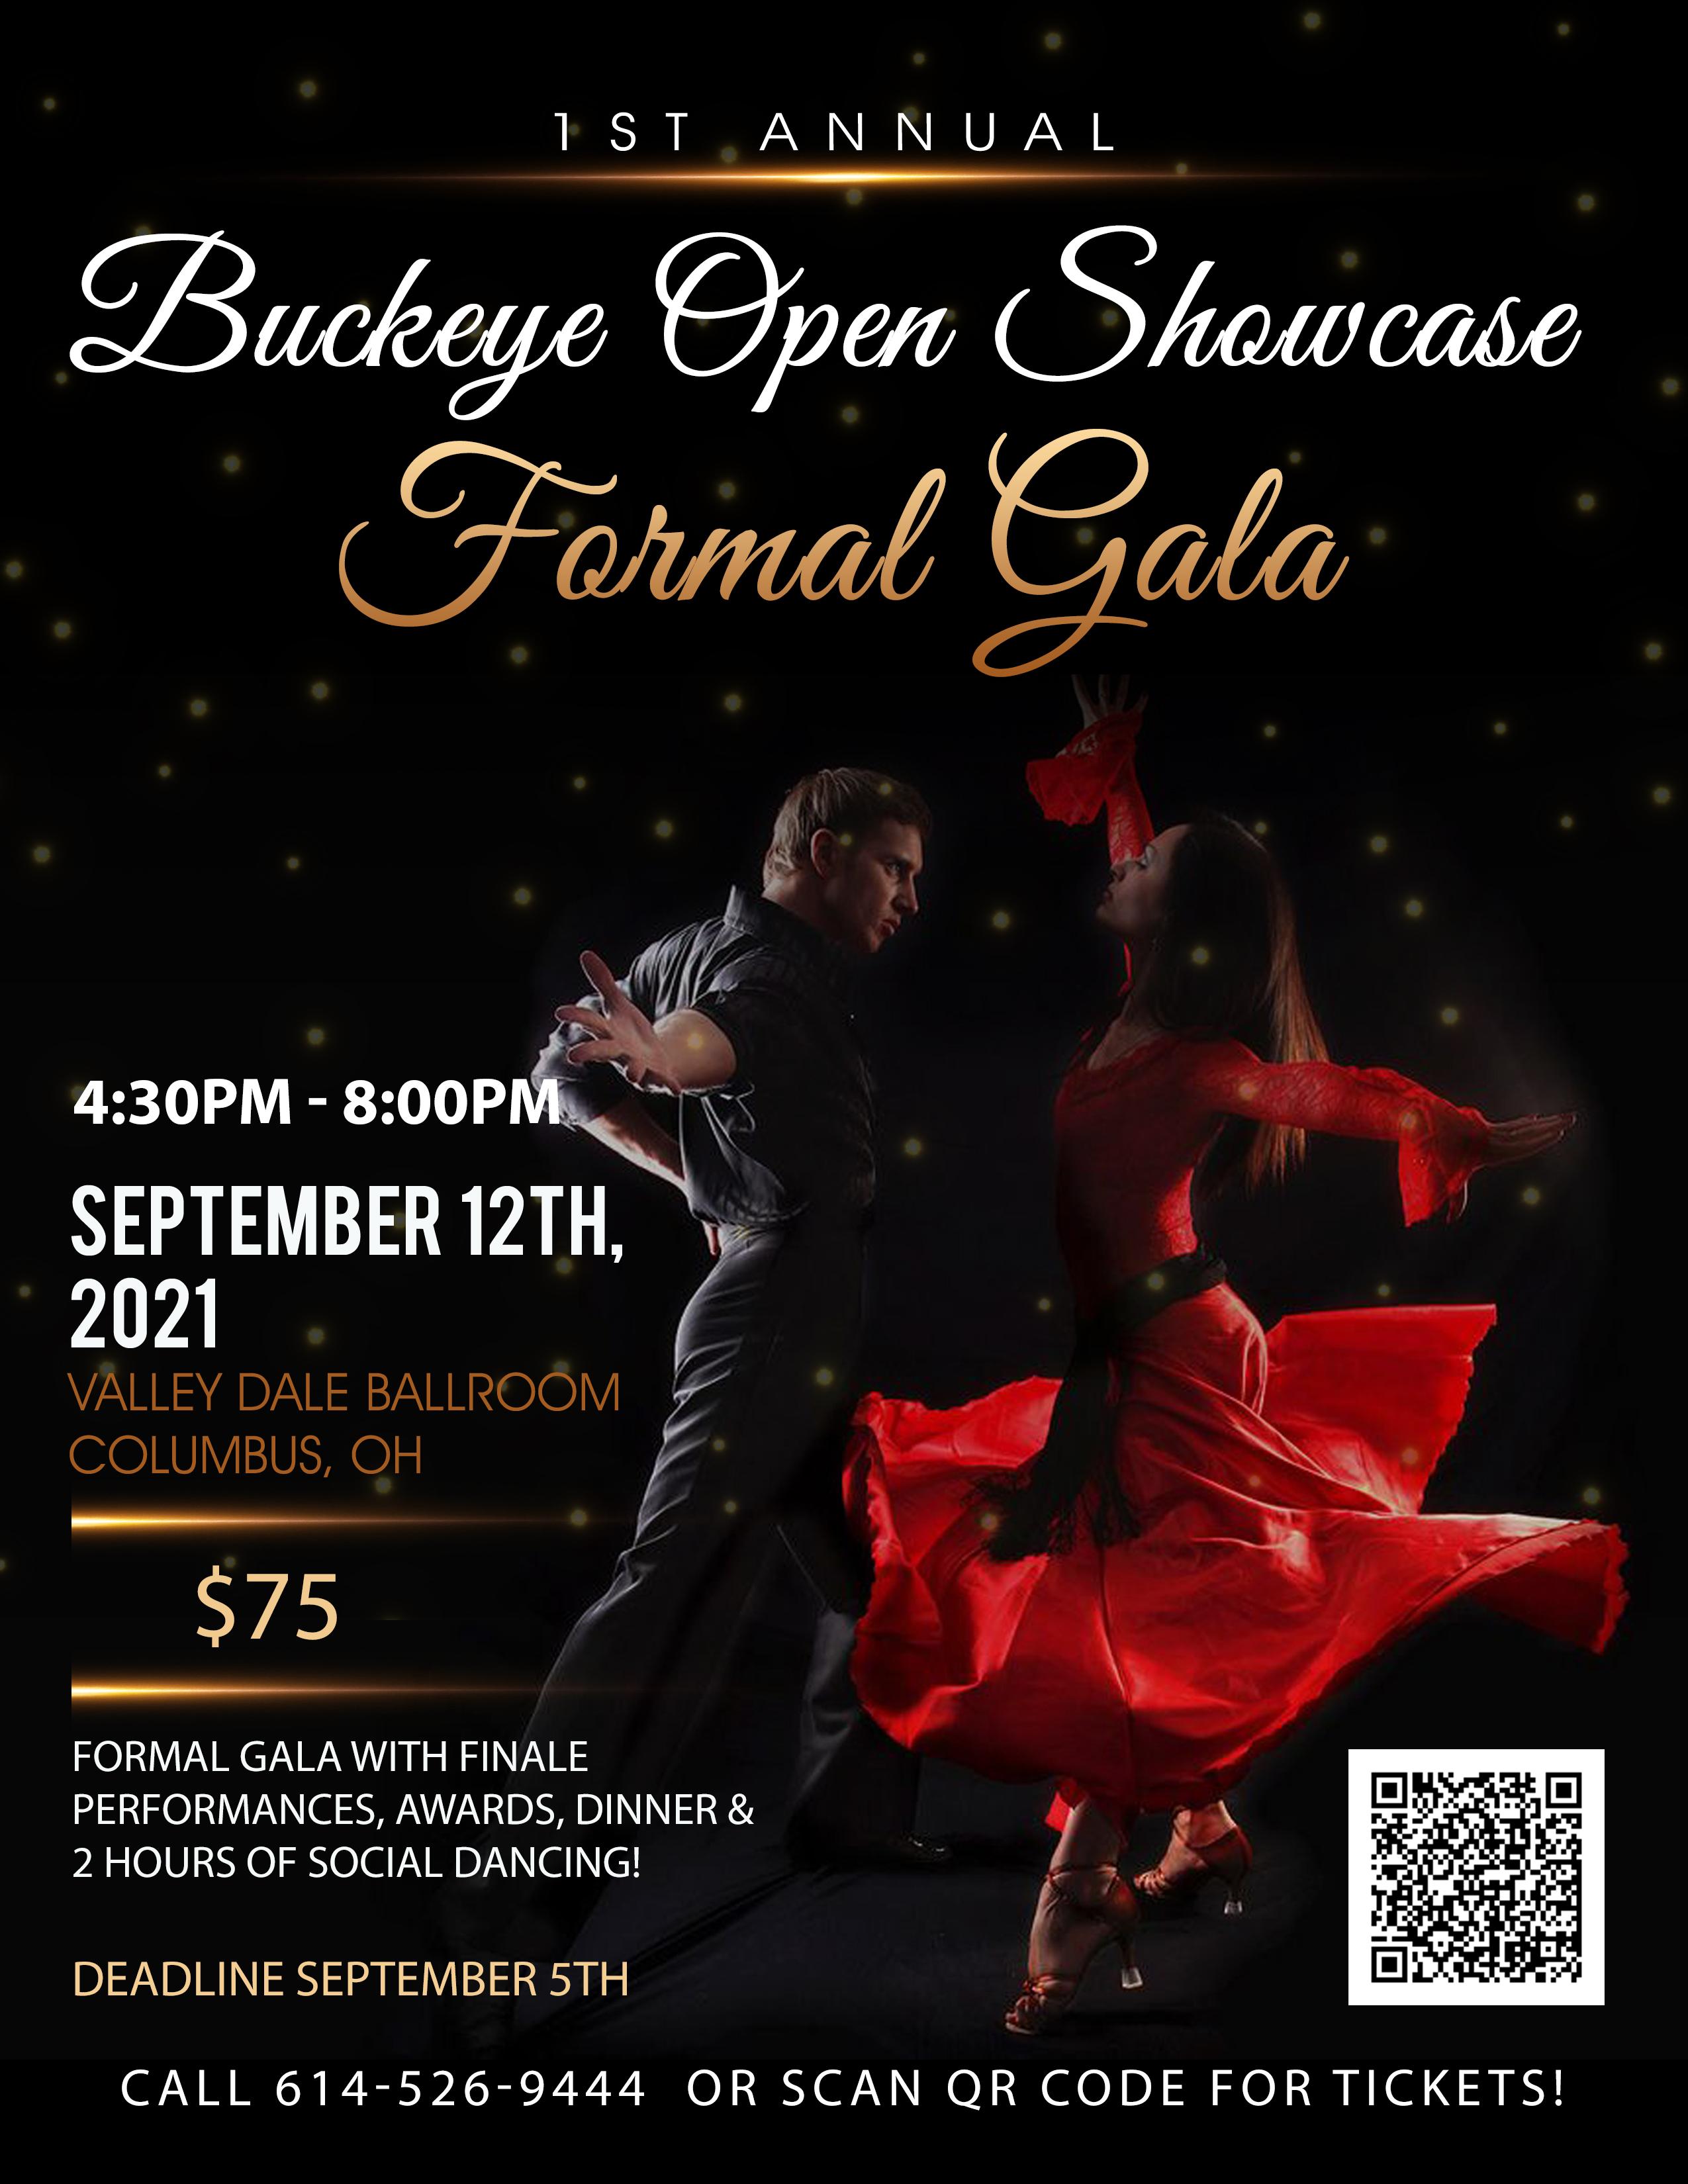 Buckeye Open Showcase